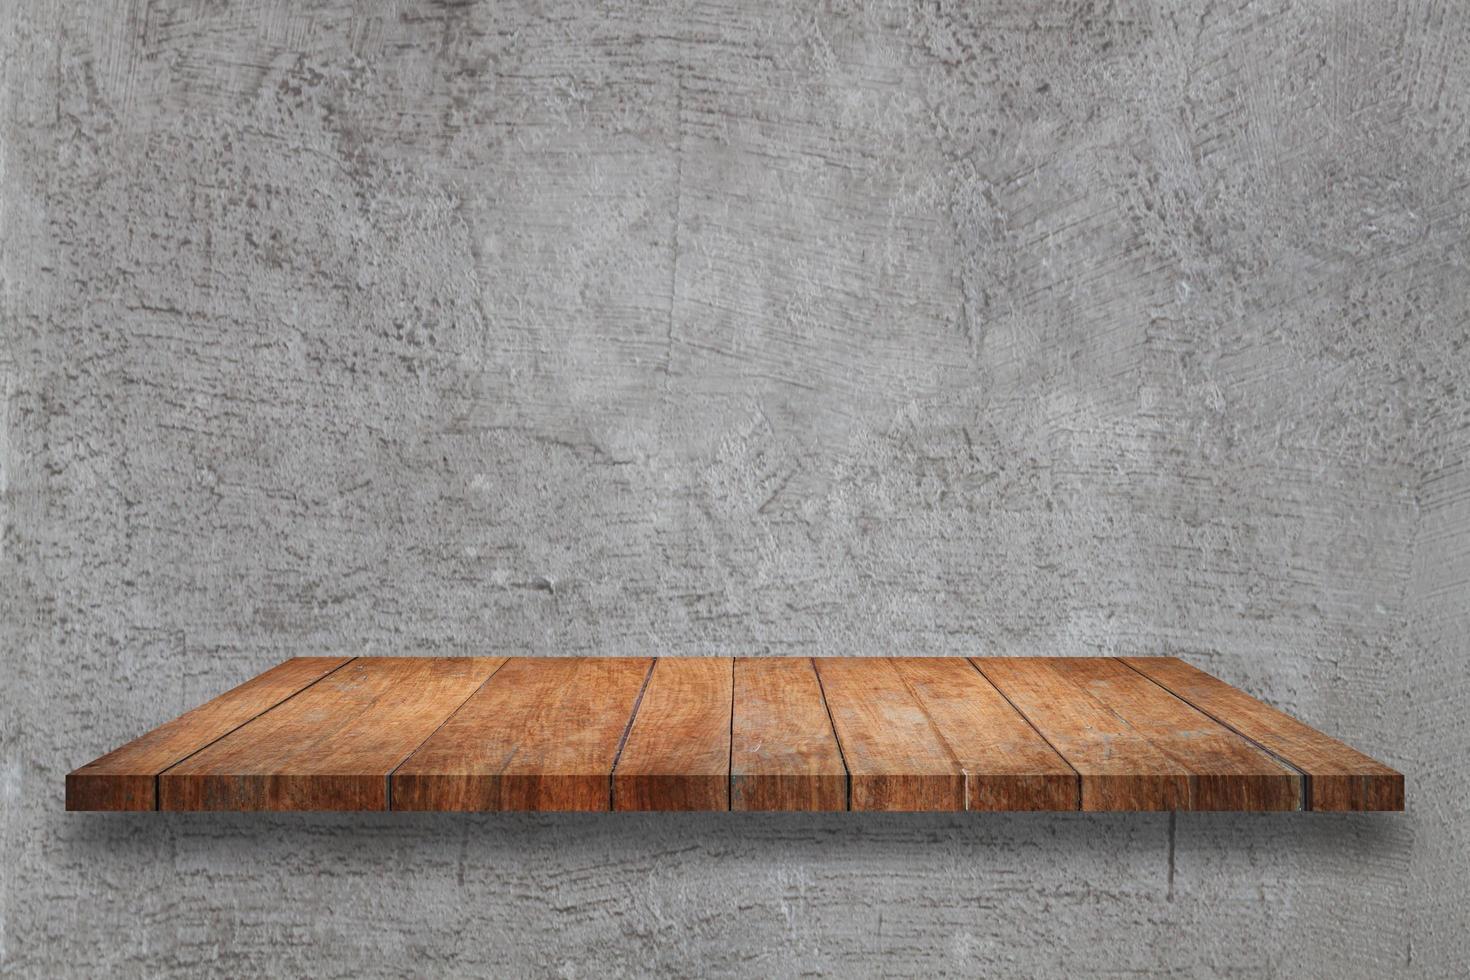 Estante de madera sobre un fondo de hormigón gris foto